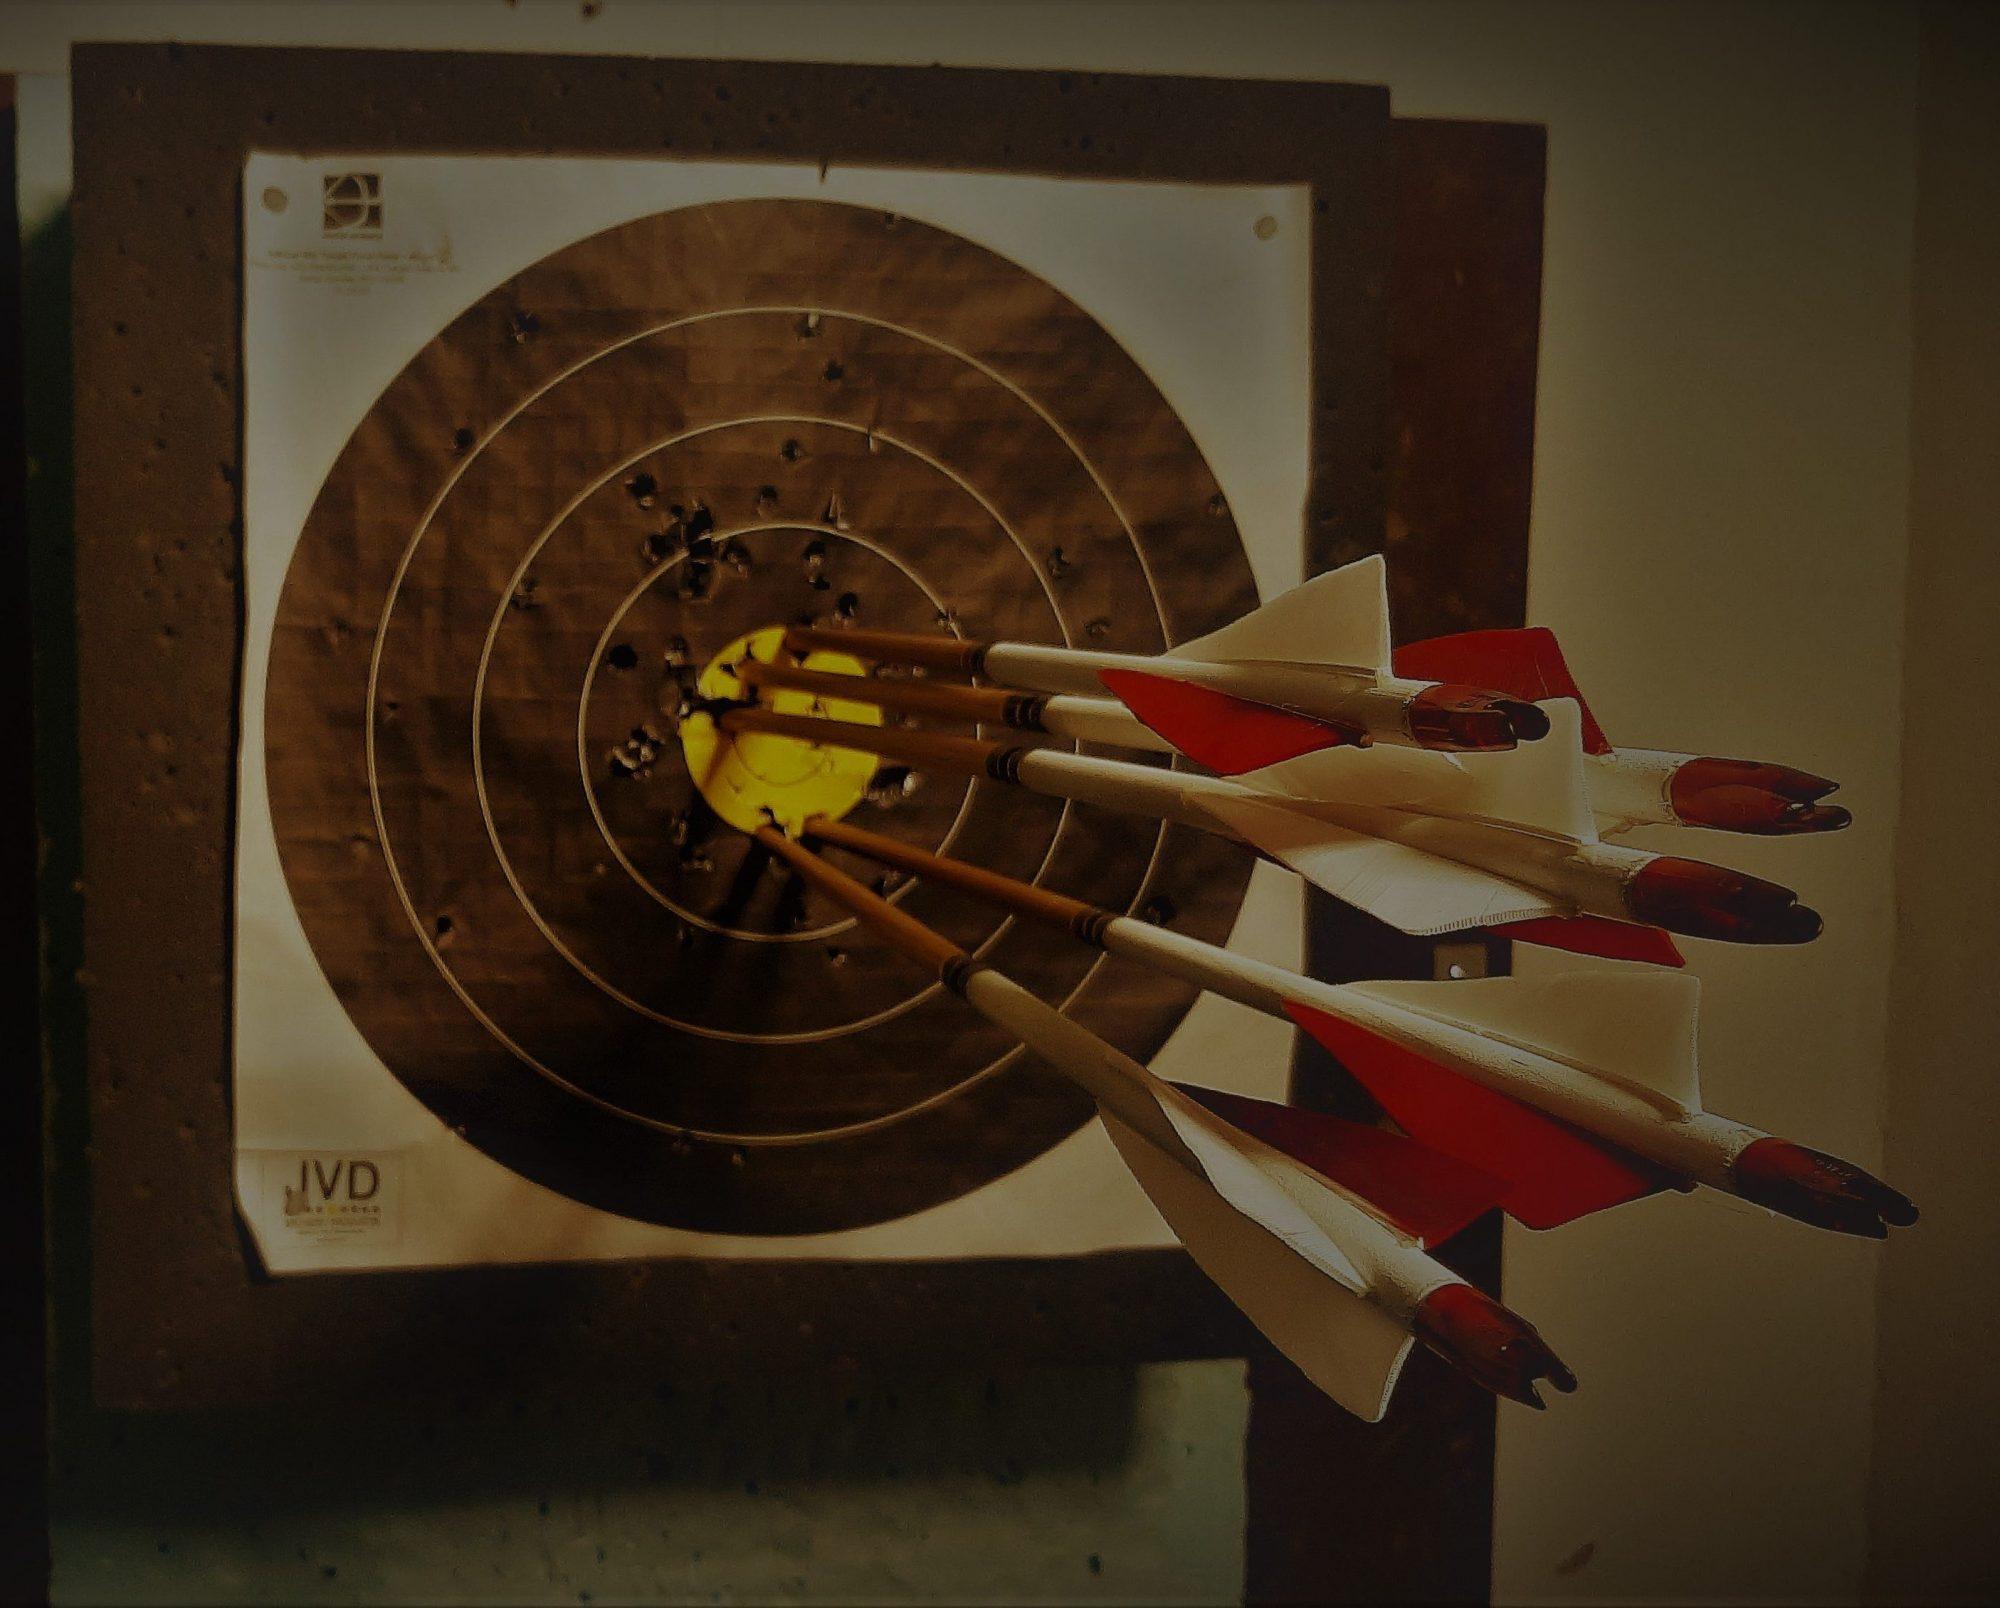 Juro-Archery - Välineet perinteiseen jousiammuntaan - Gear for traditional Archery